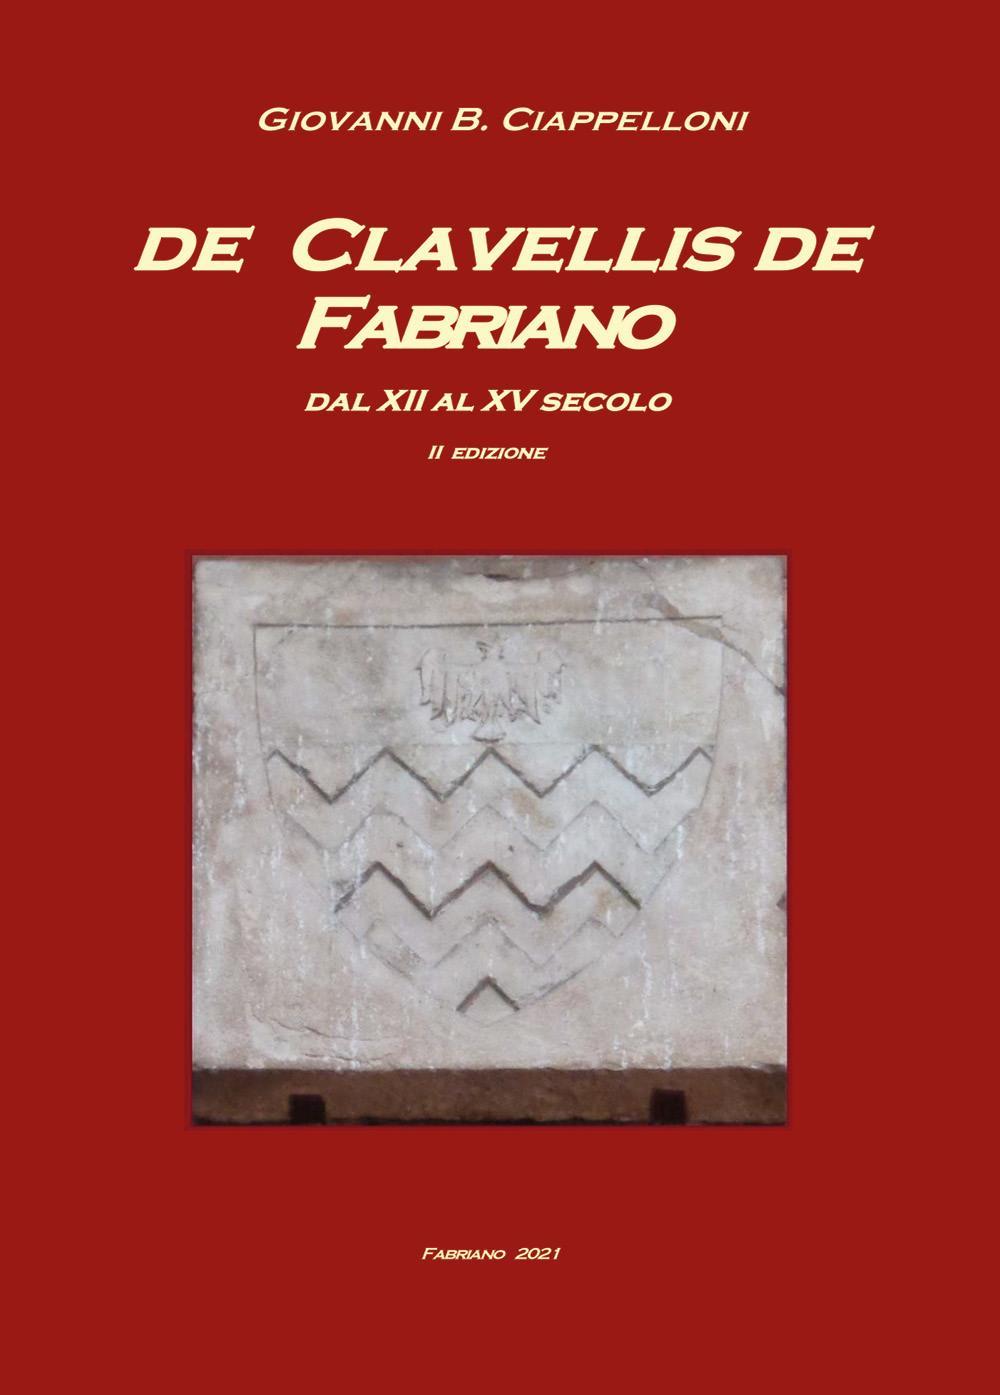 De Clavellis de Fabriano dal XII al XV secolo. II Edizione